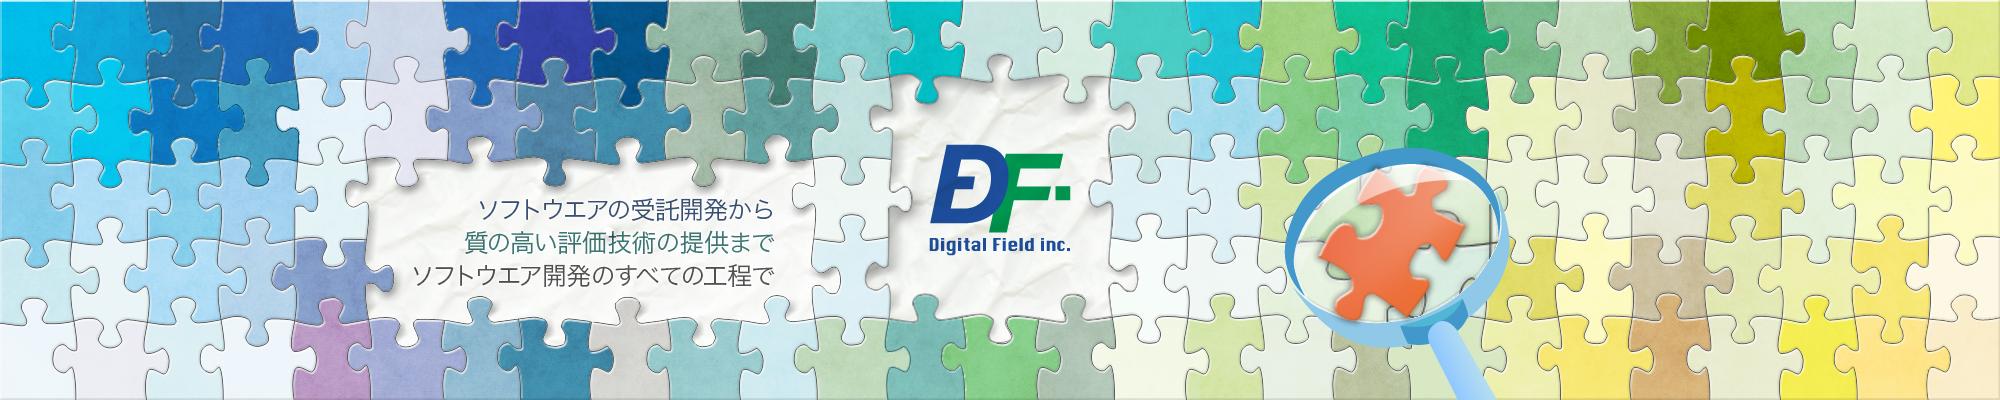 DF Digital Field inc. デジタルの、すべての領域(フィールド)へ